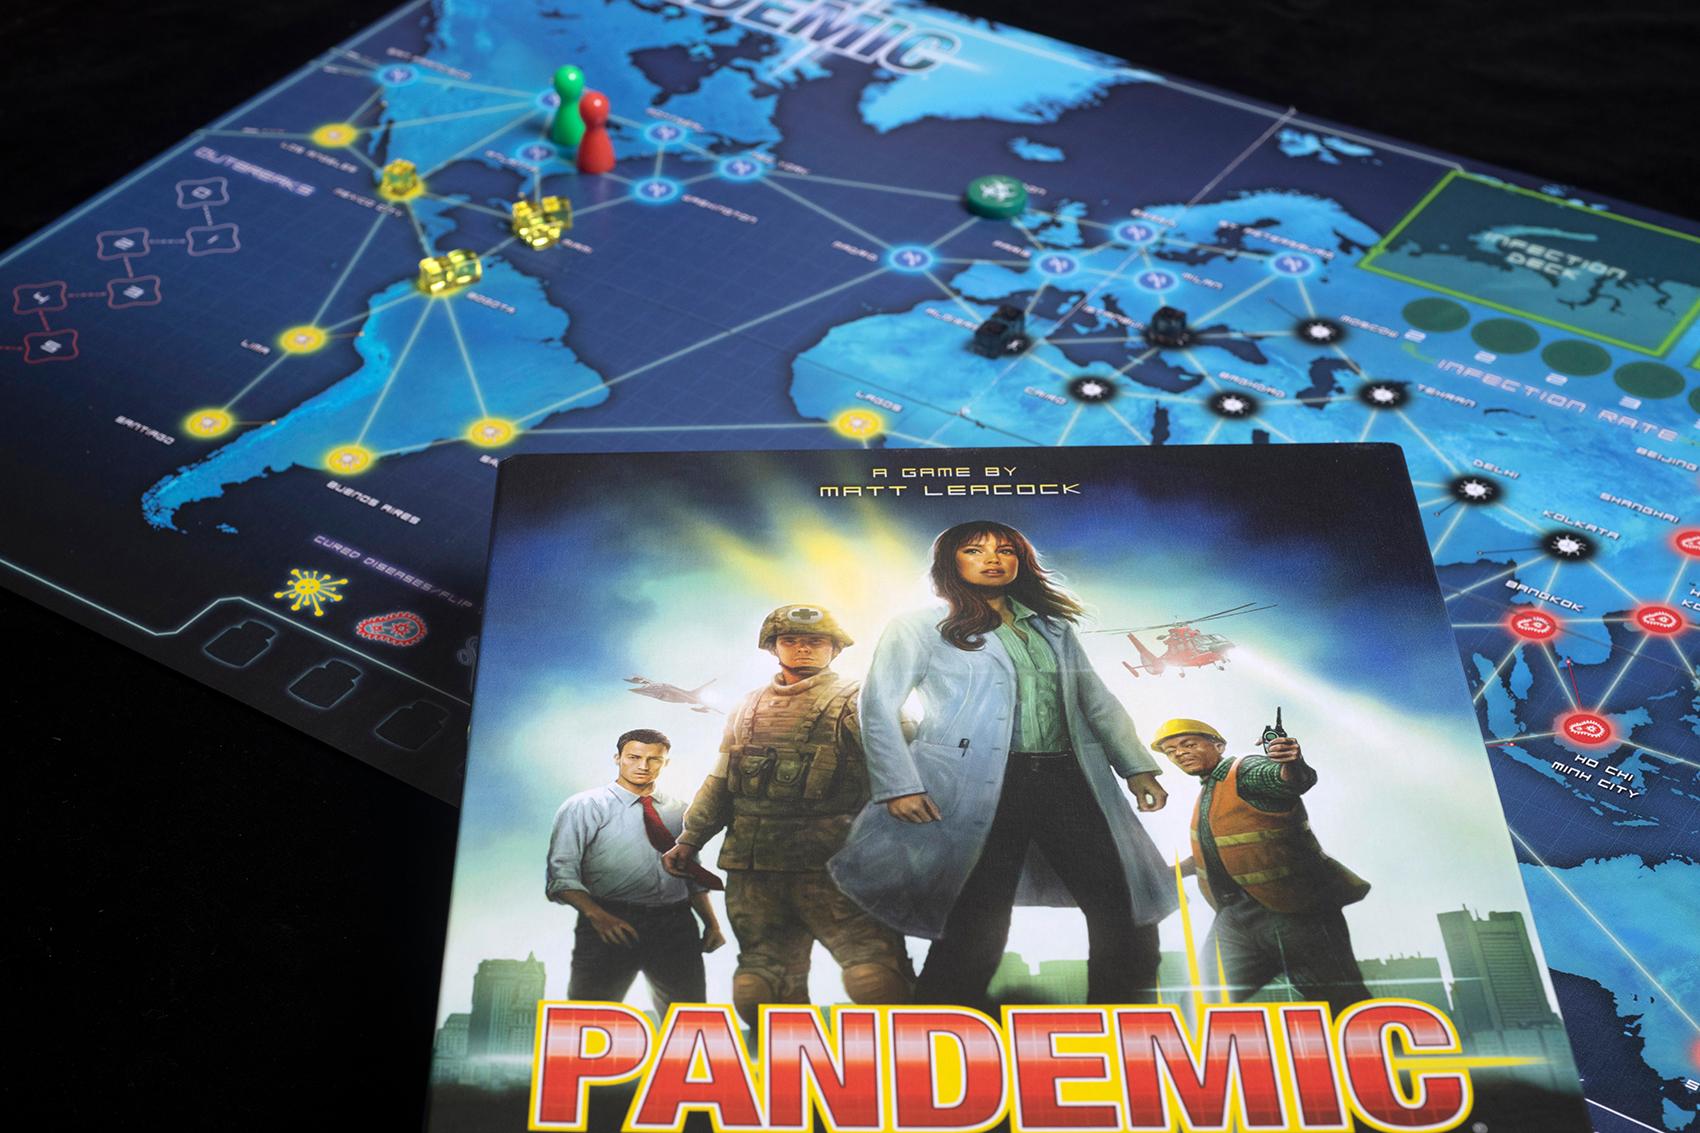 Playing Through Pandemics